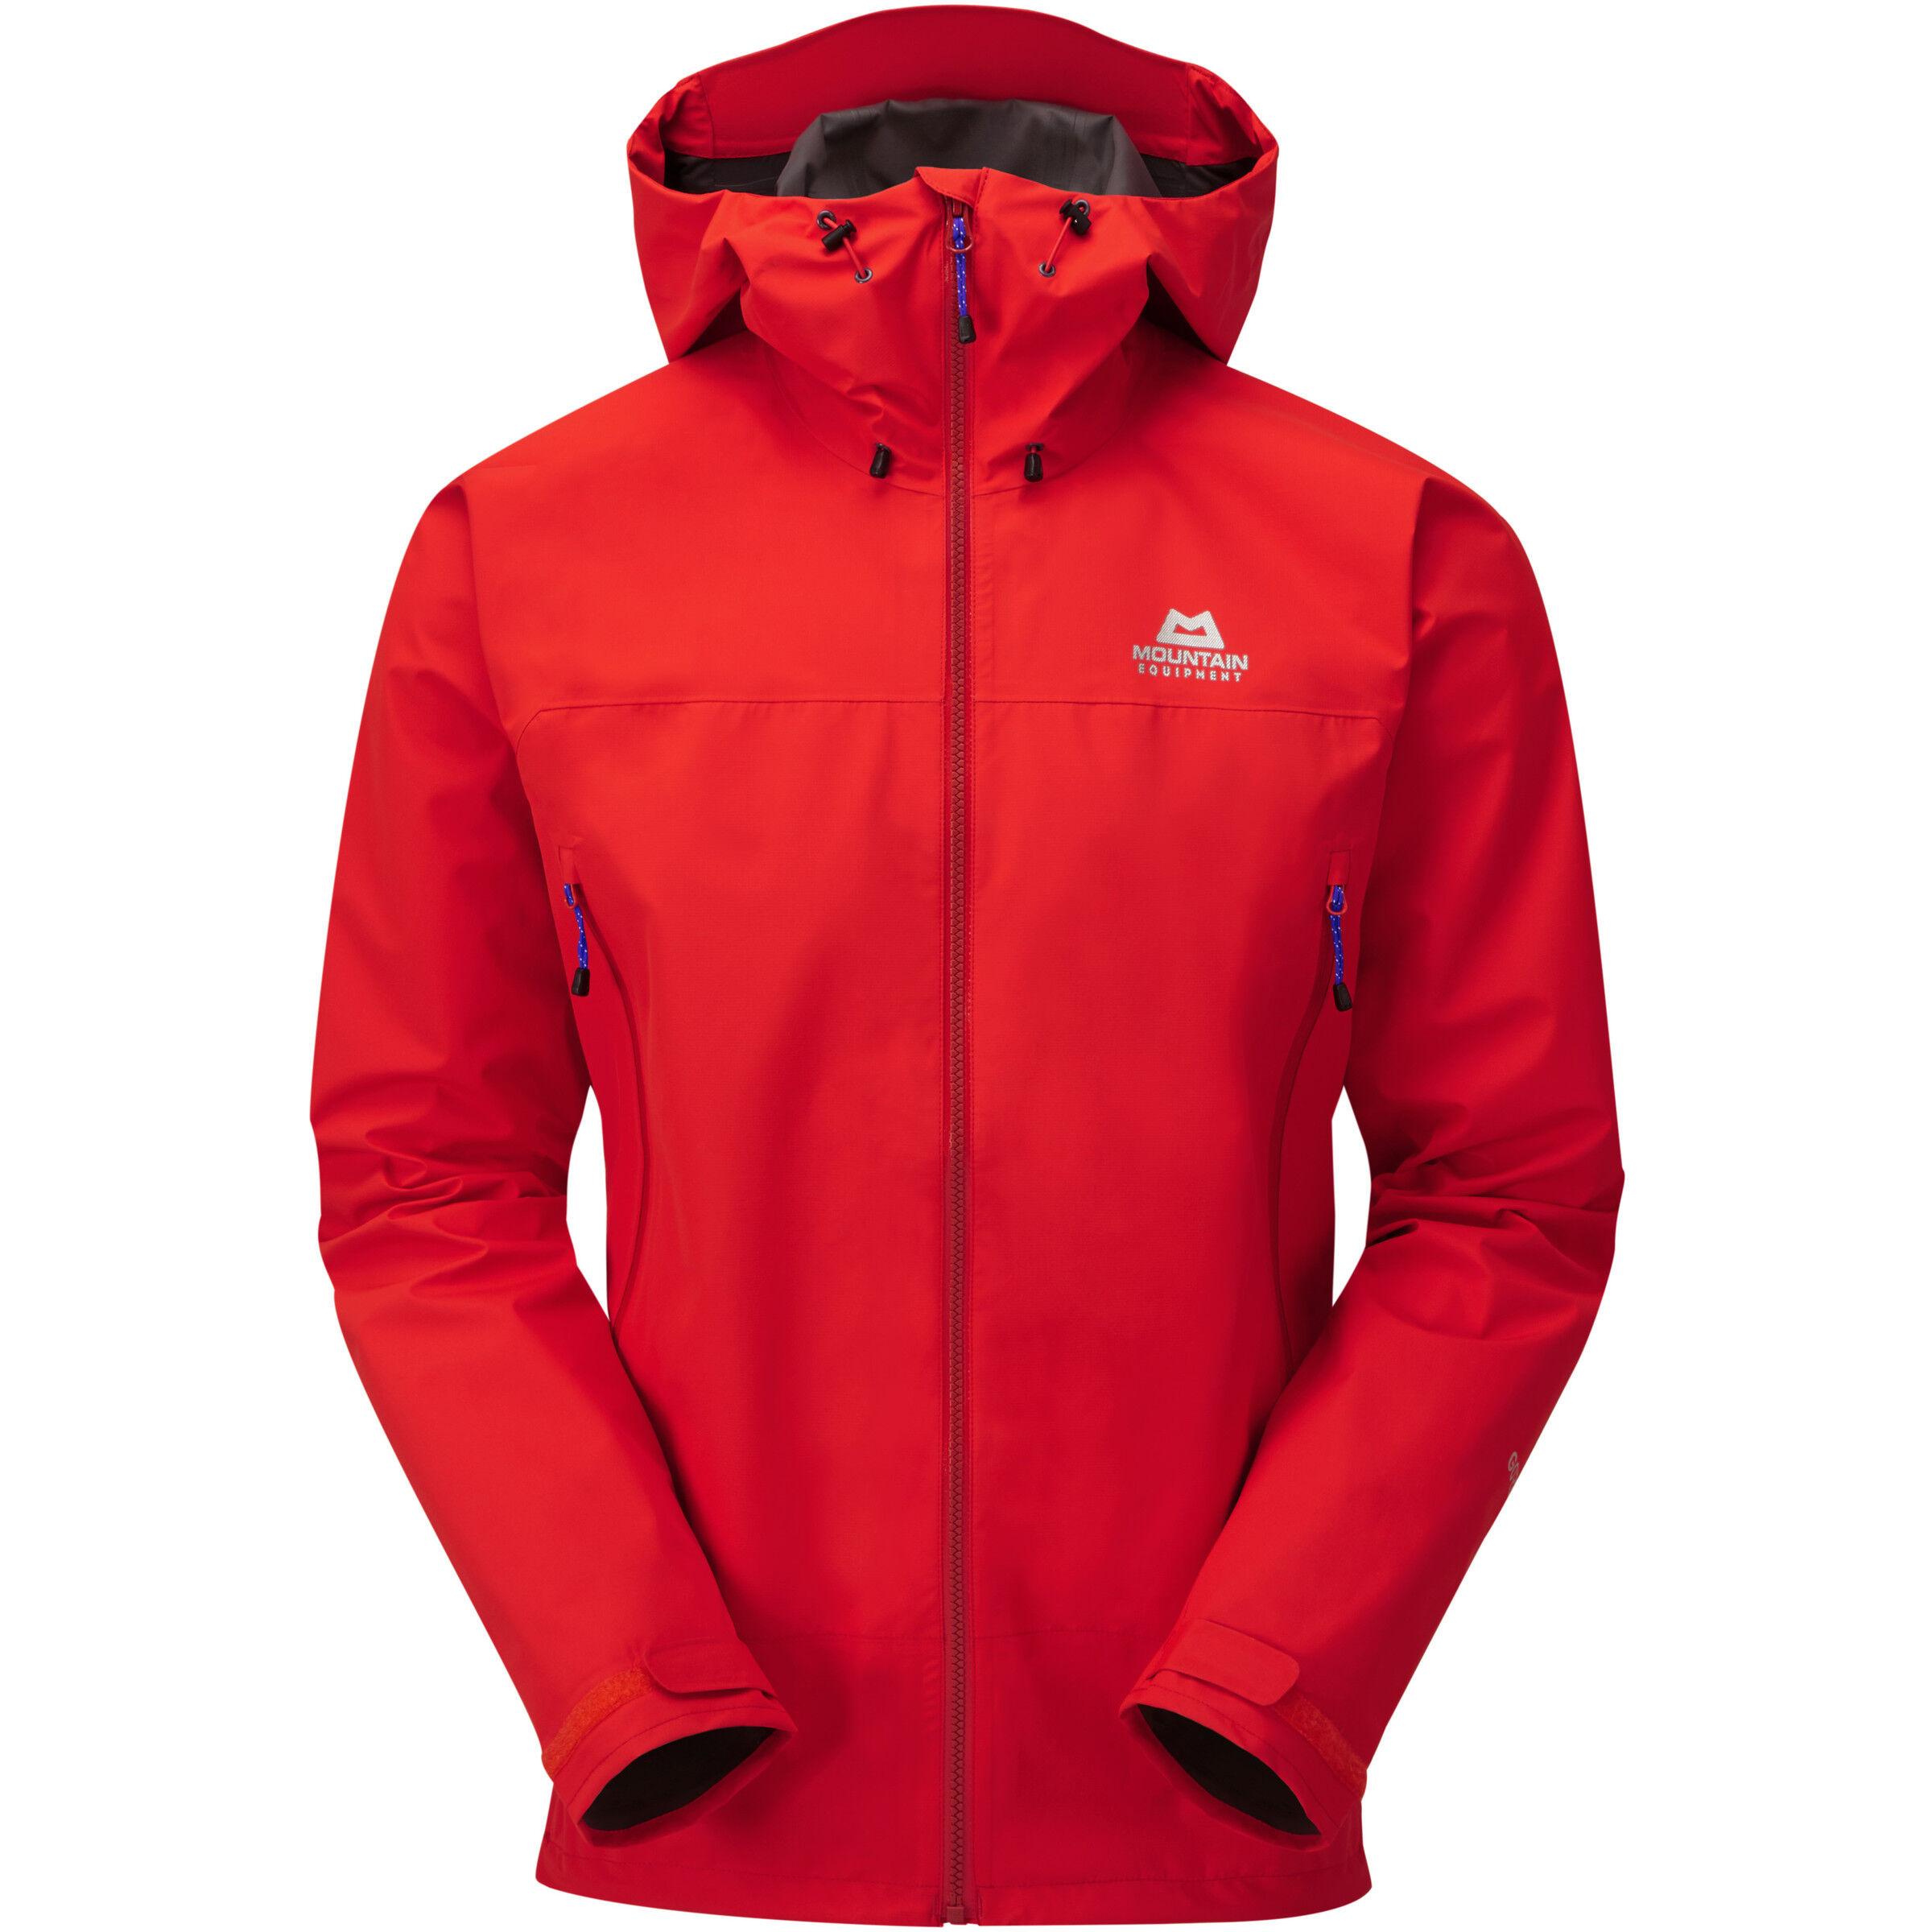 Gandiva Mountain Equipment Crimson Herren Jacket mw8vNn0O